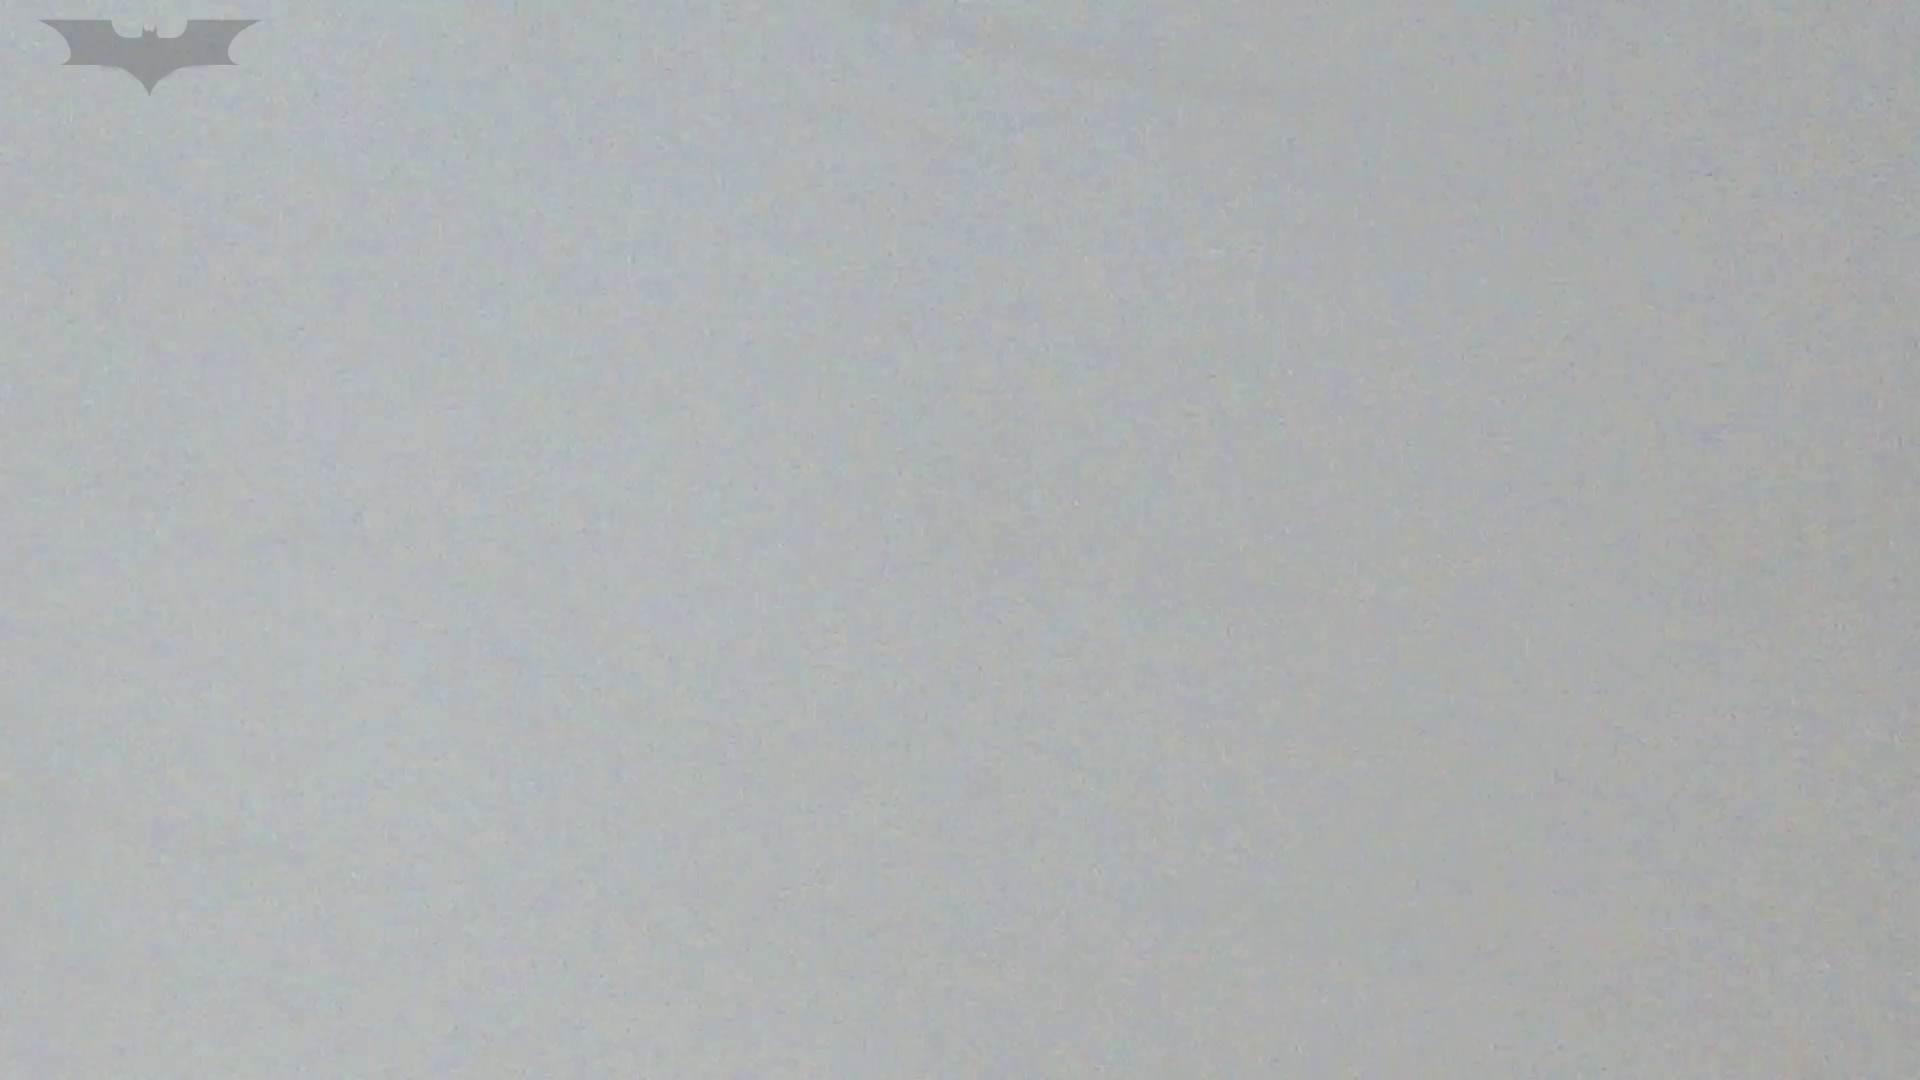 JD盗撮 美女の洗面所の秘密 Vol.02 美女 ワレメ動画紹介 60画像 16